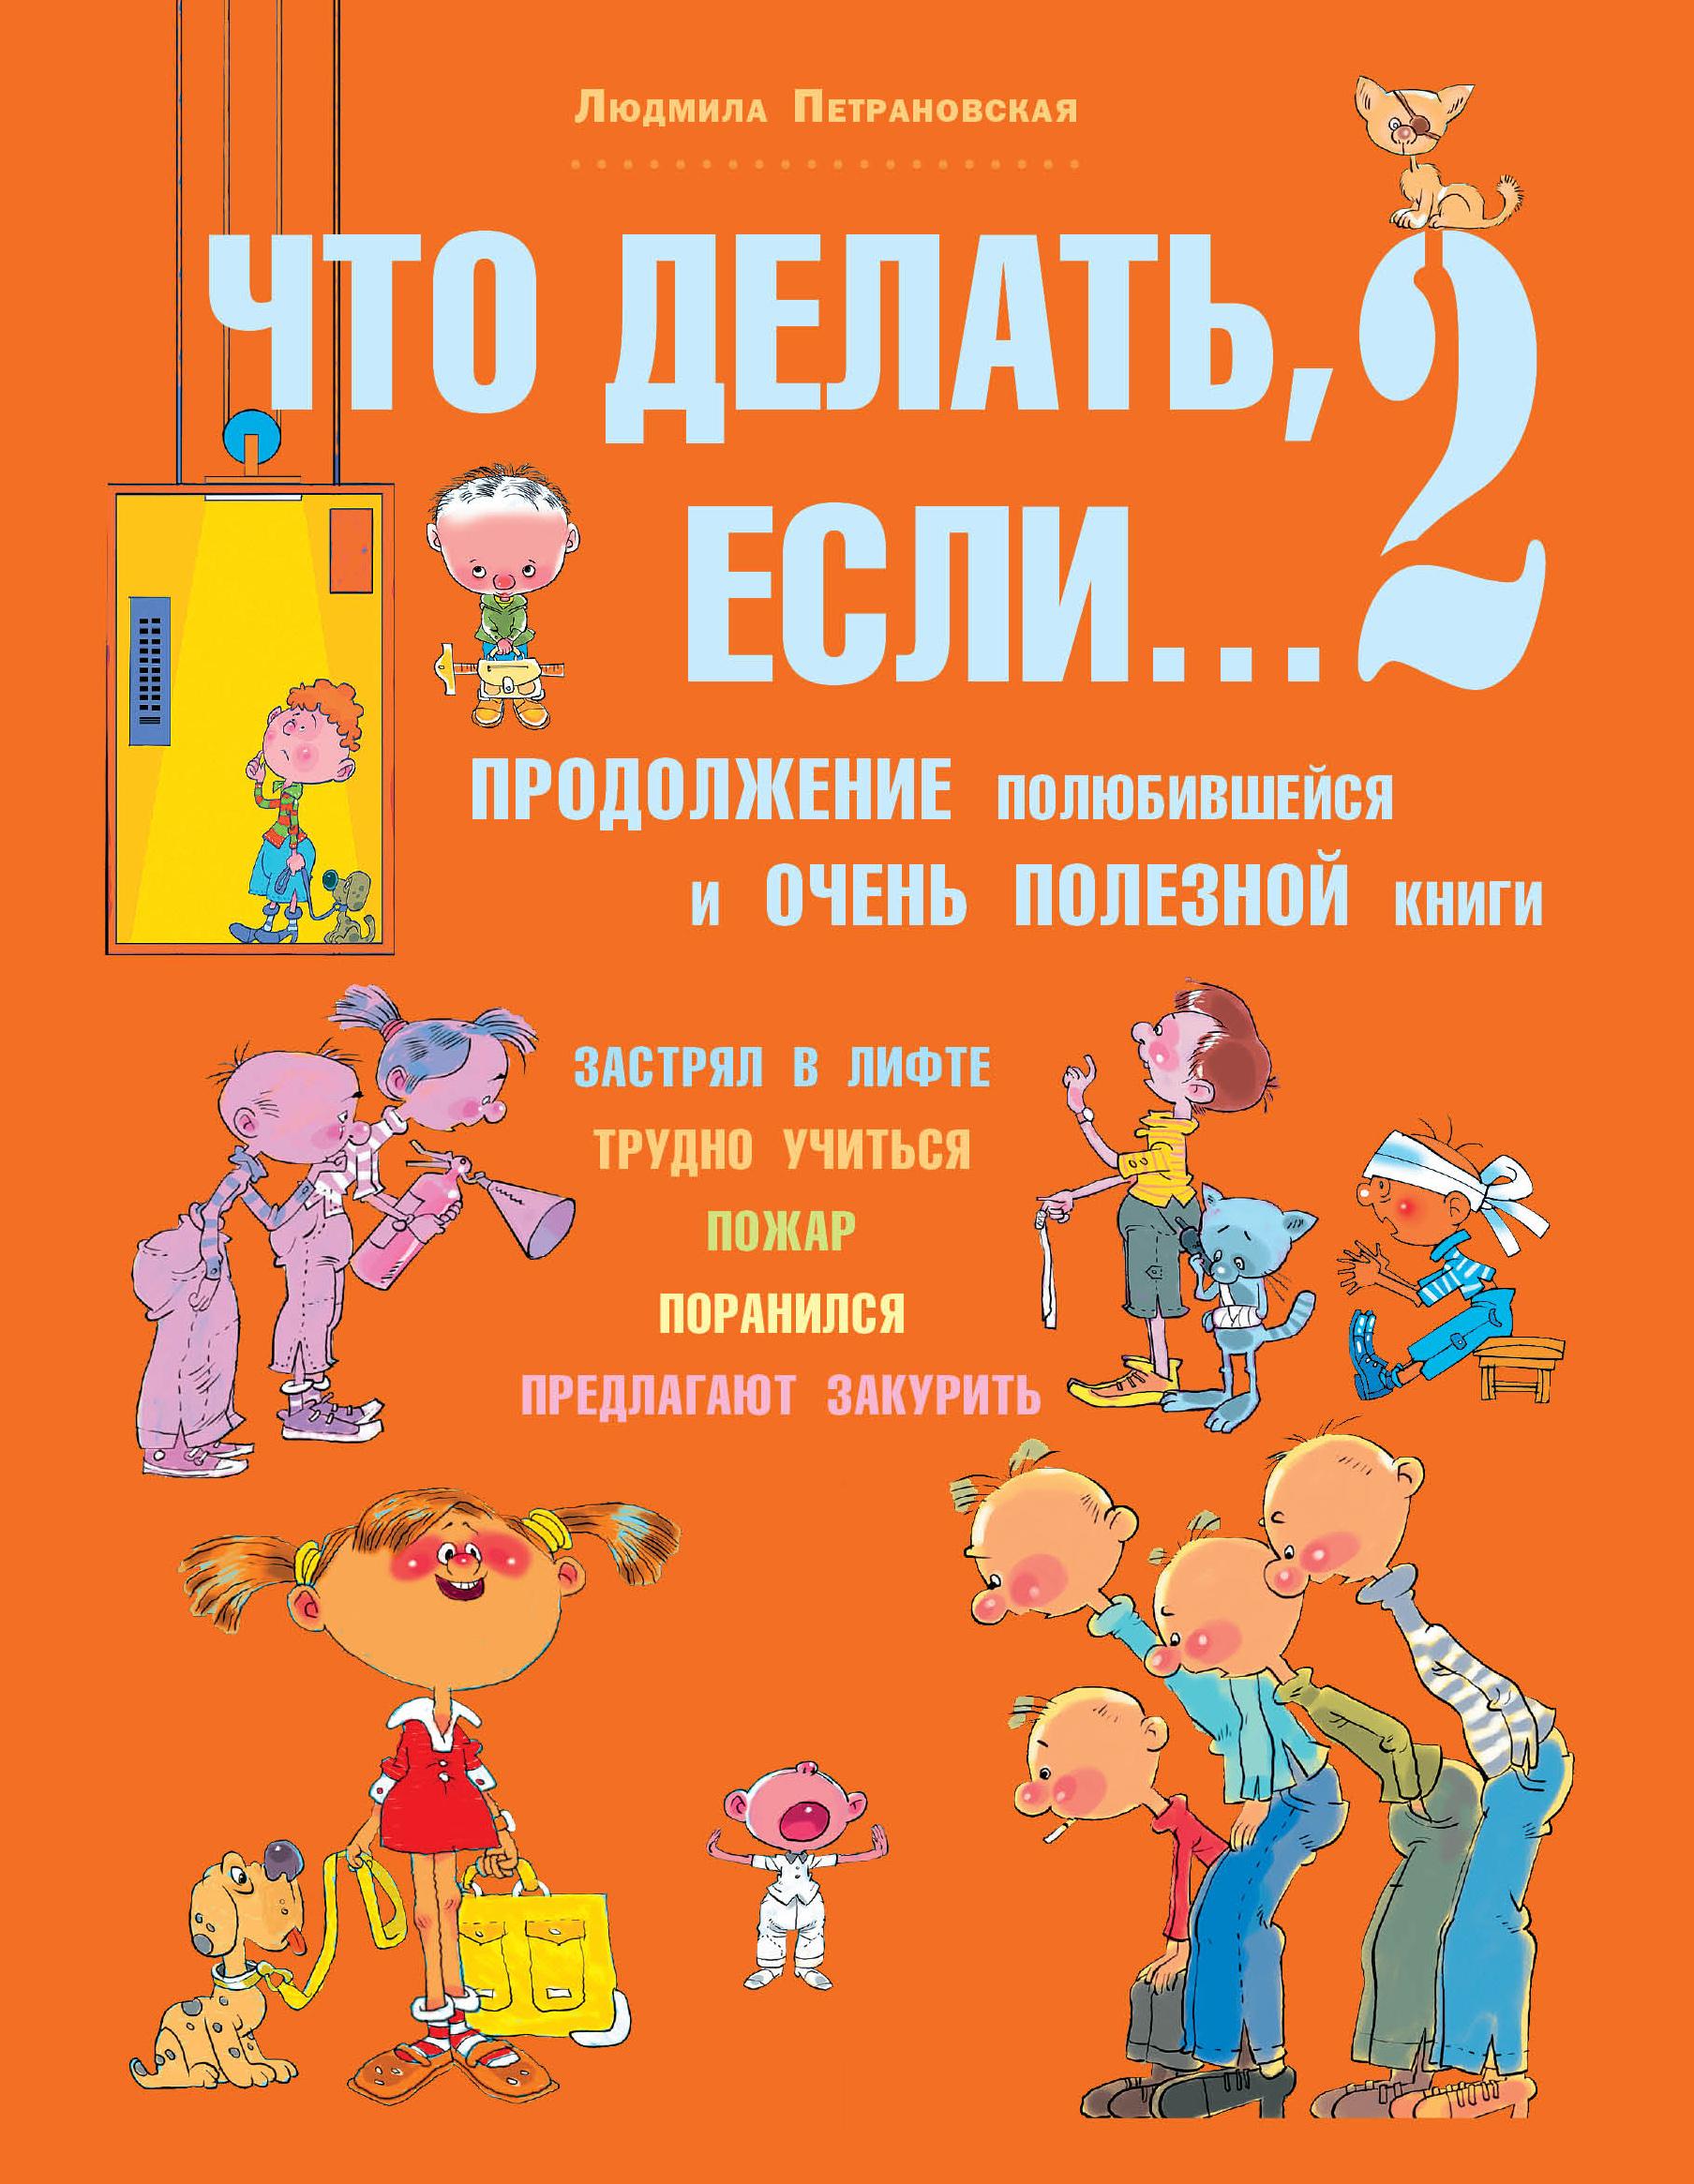 Людмила Петрановская Что делать, если... 2 петрановская л что делать если 2 продолжение полюбившейся и очень полезной книги